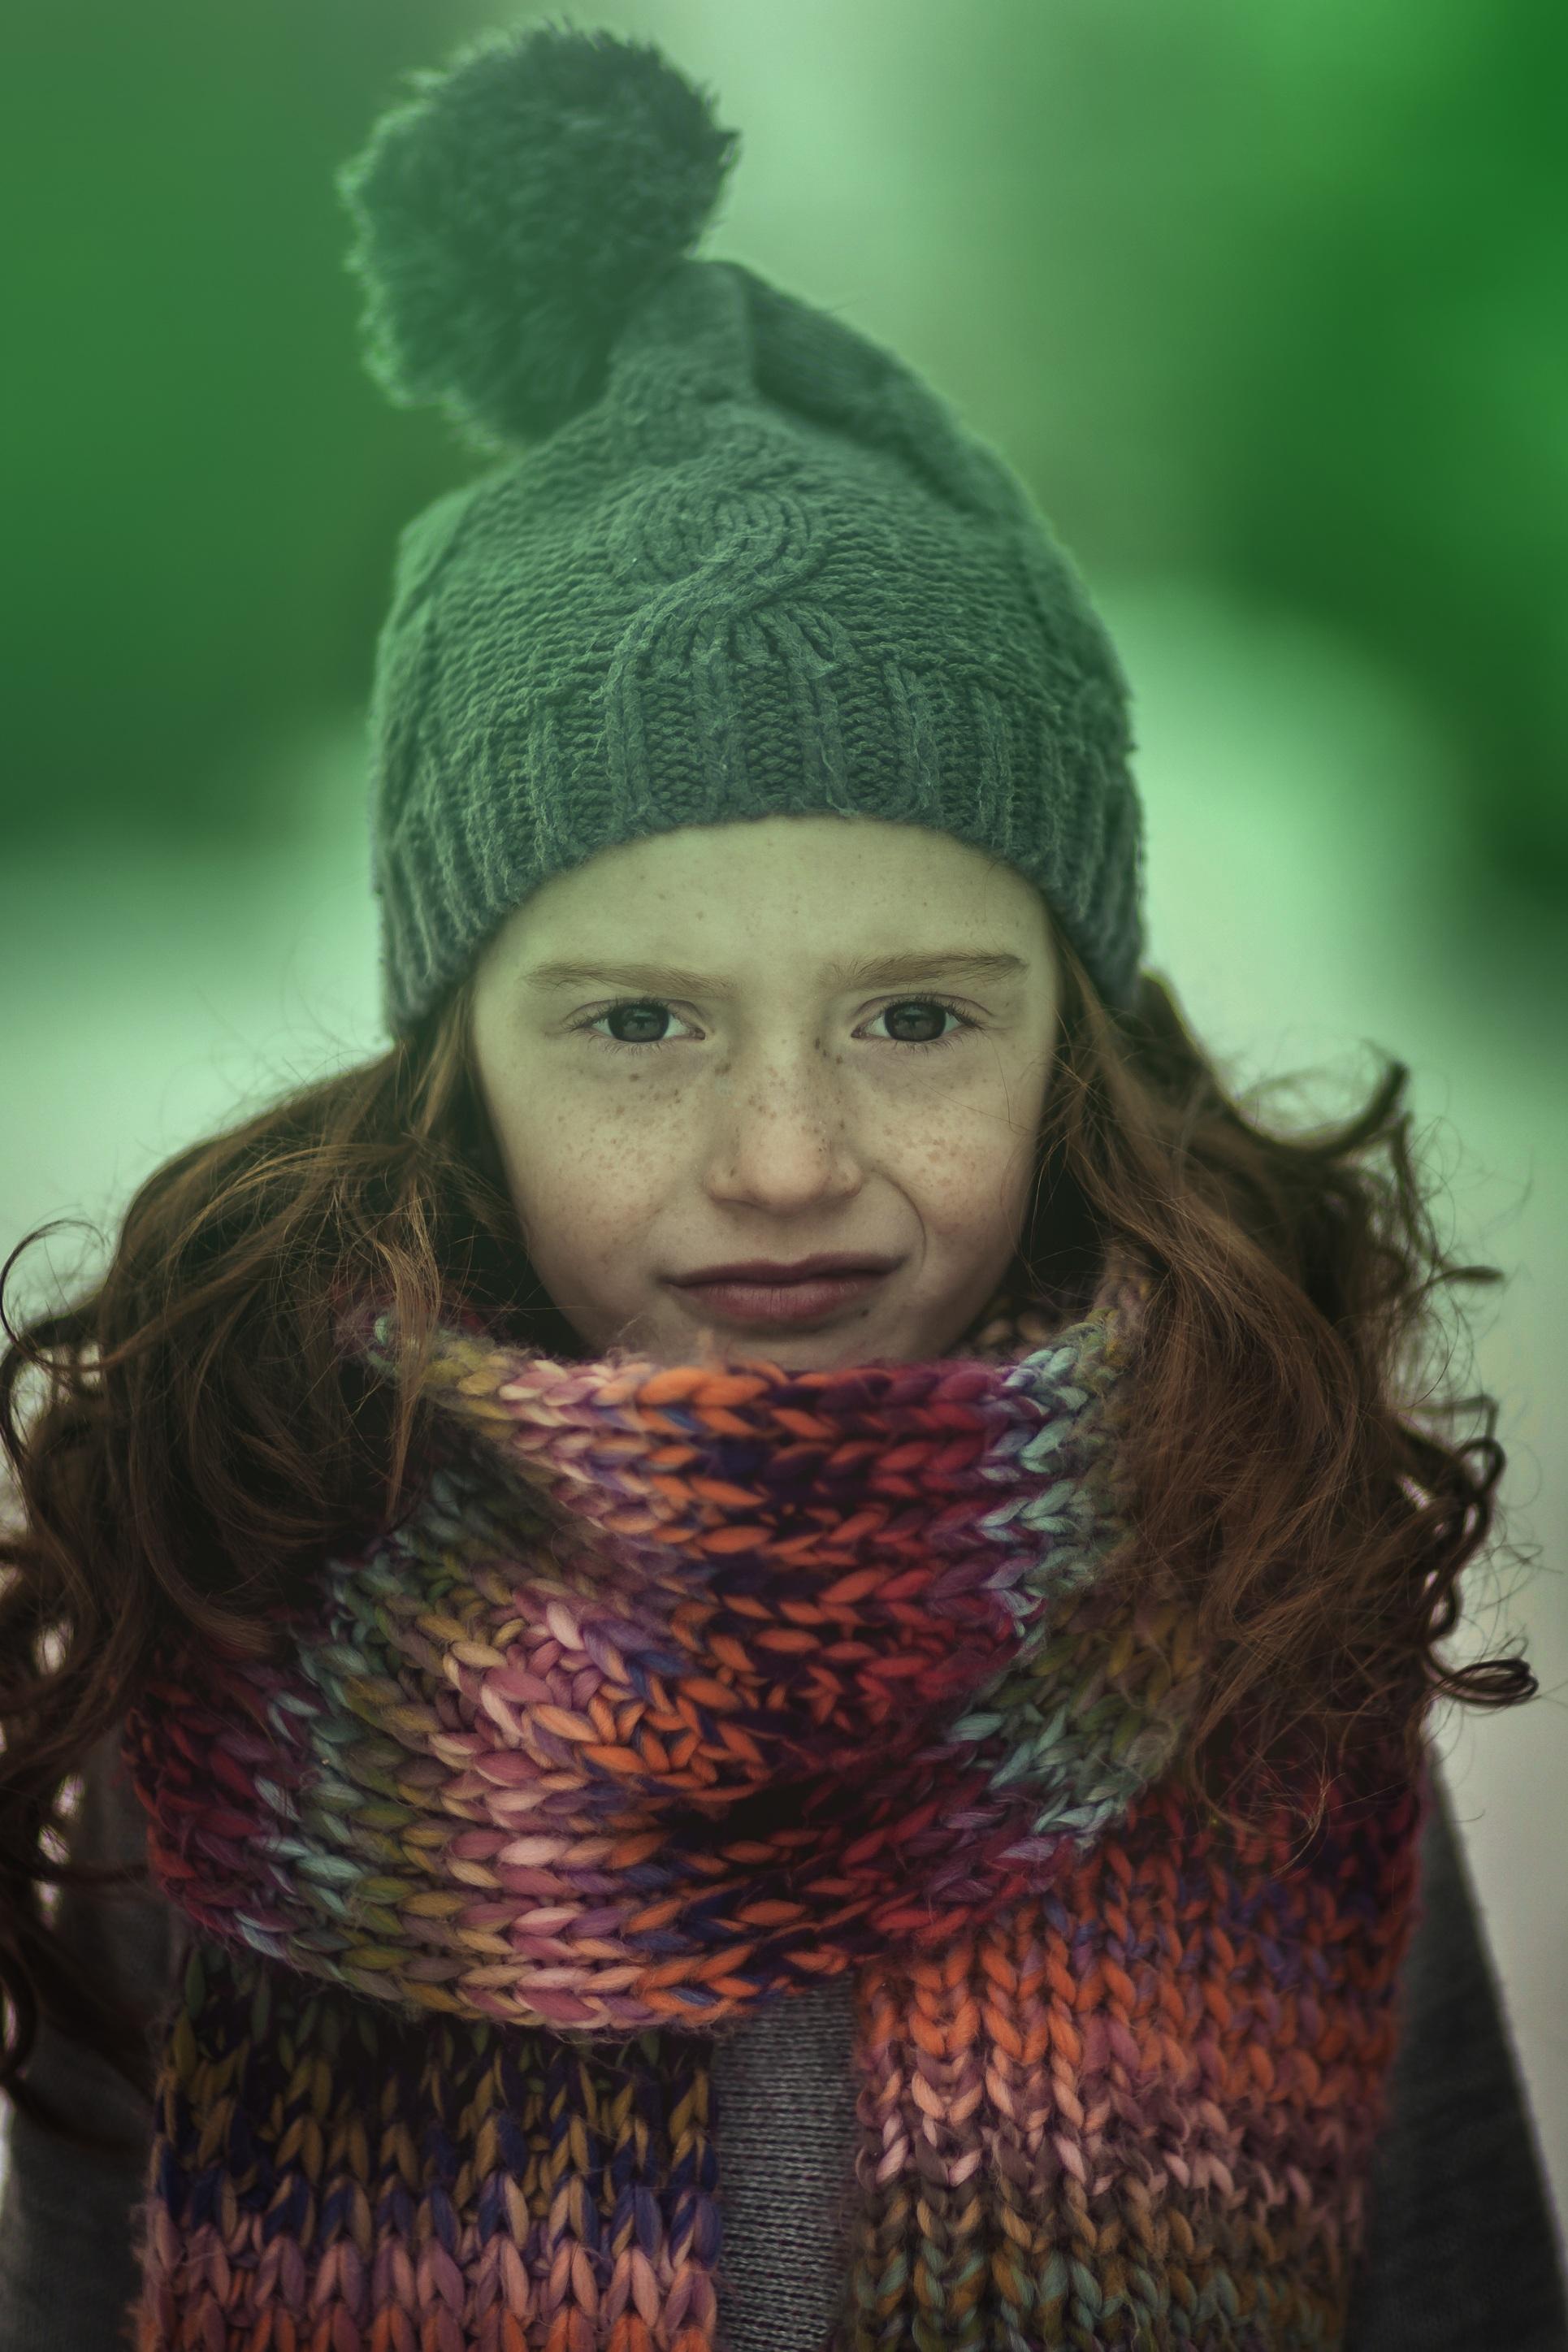 Kostenlose foto : Winter, Haar, Porträt, Modell-, Grün, braun, Kind ...